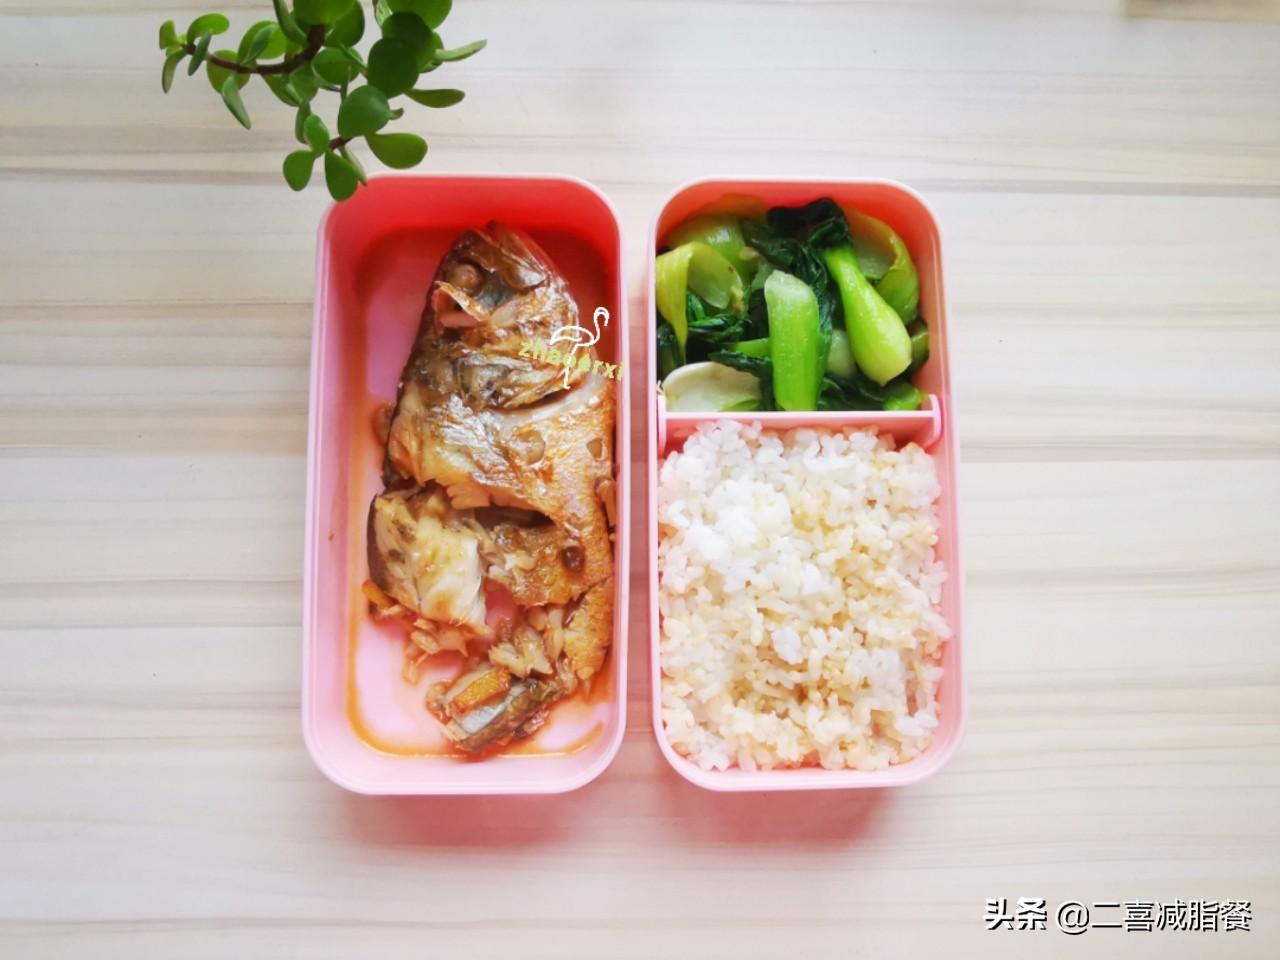 营养师的一天的减脂三餐,补脾养胃的糖醋大黄鱼做法来了 减肥菜谱做法 第6张